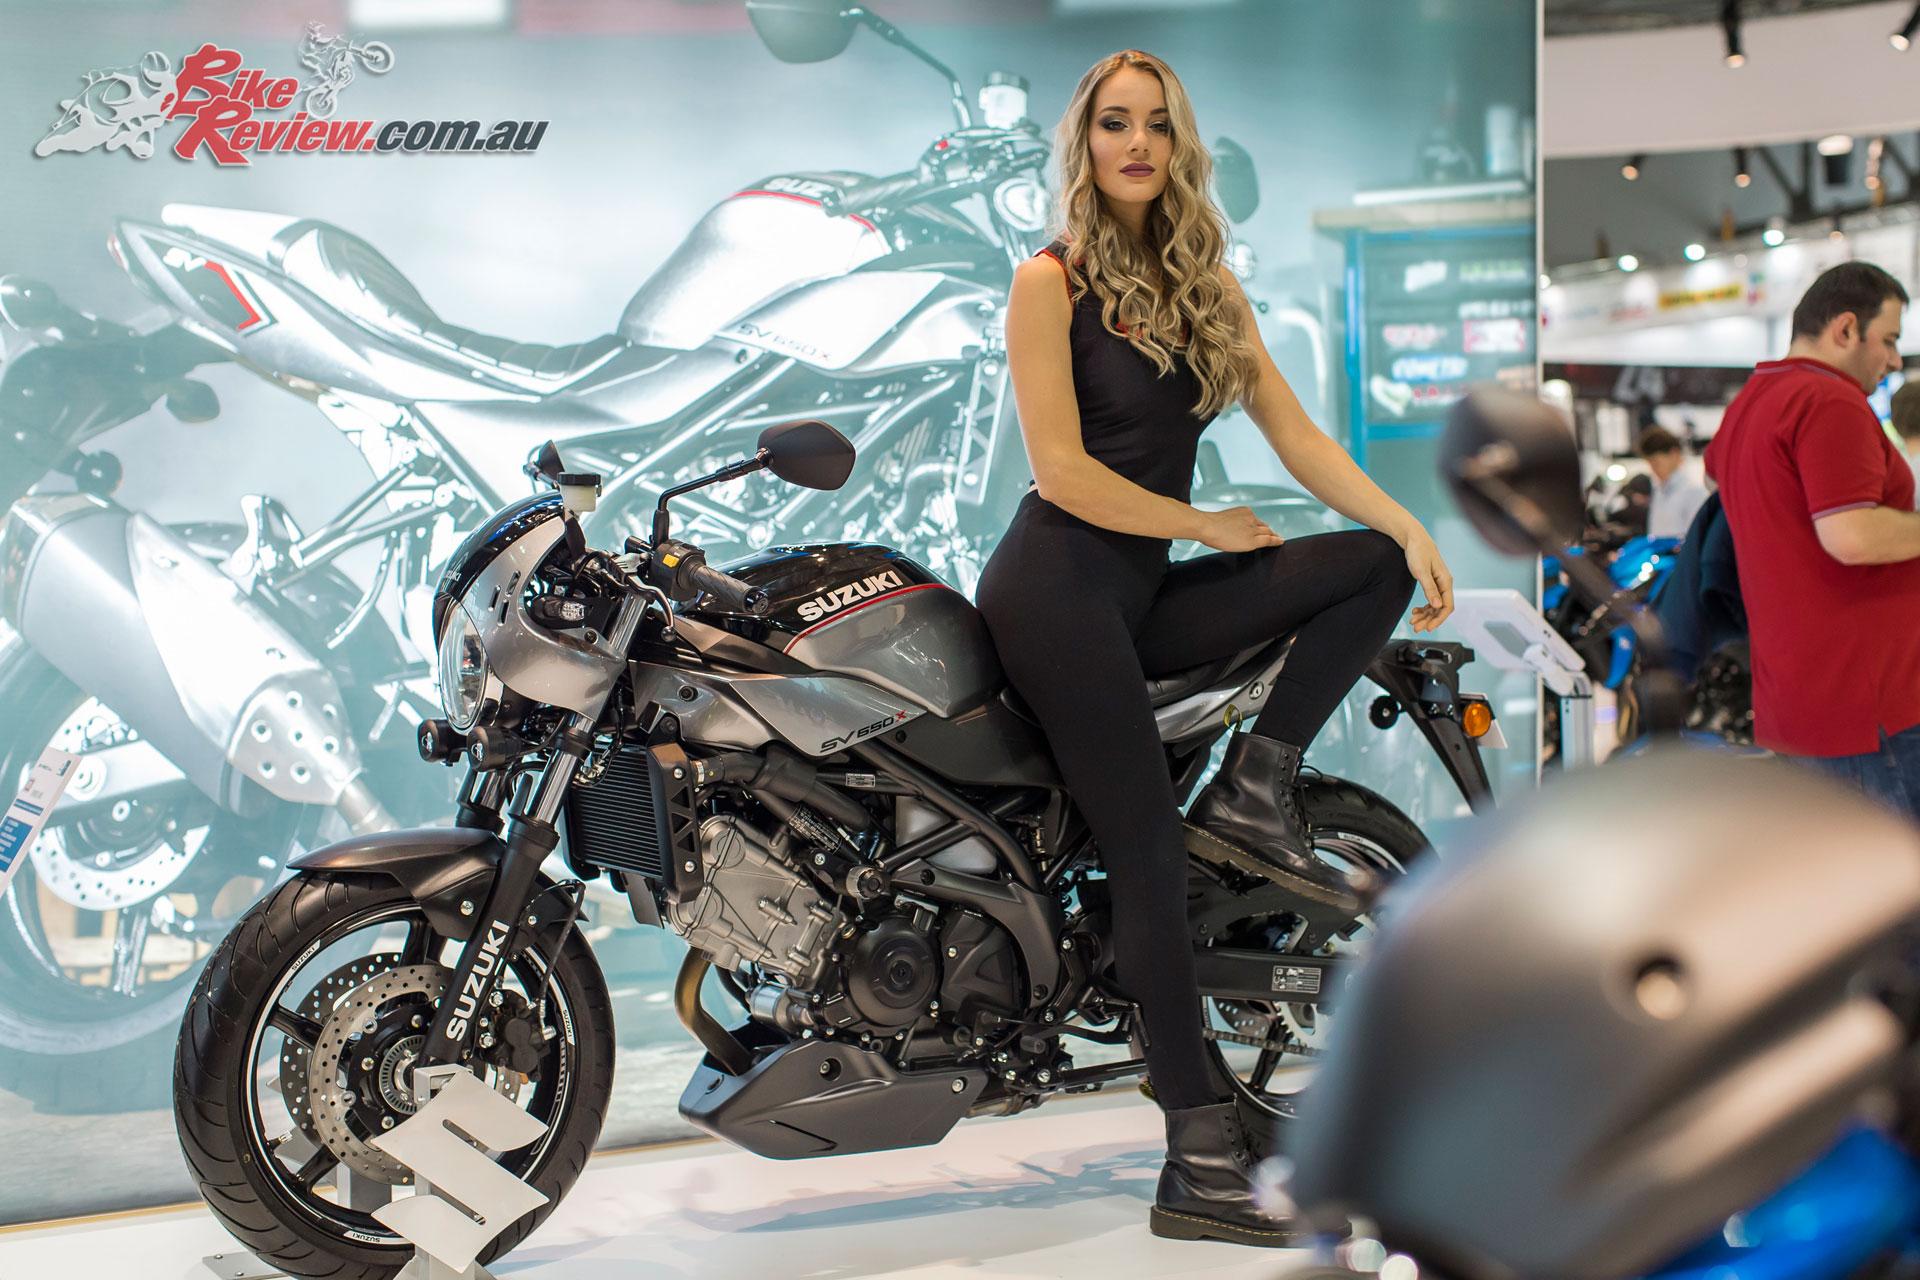 The 2018 Suzuki SV650X